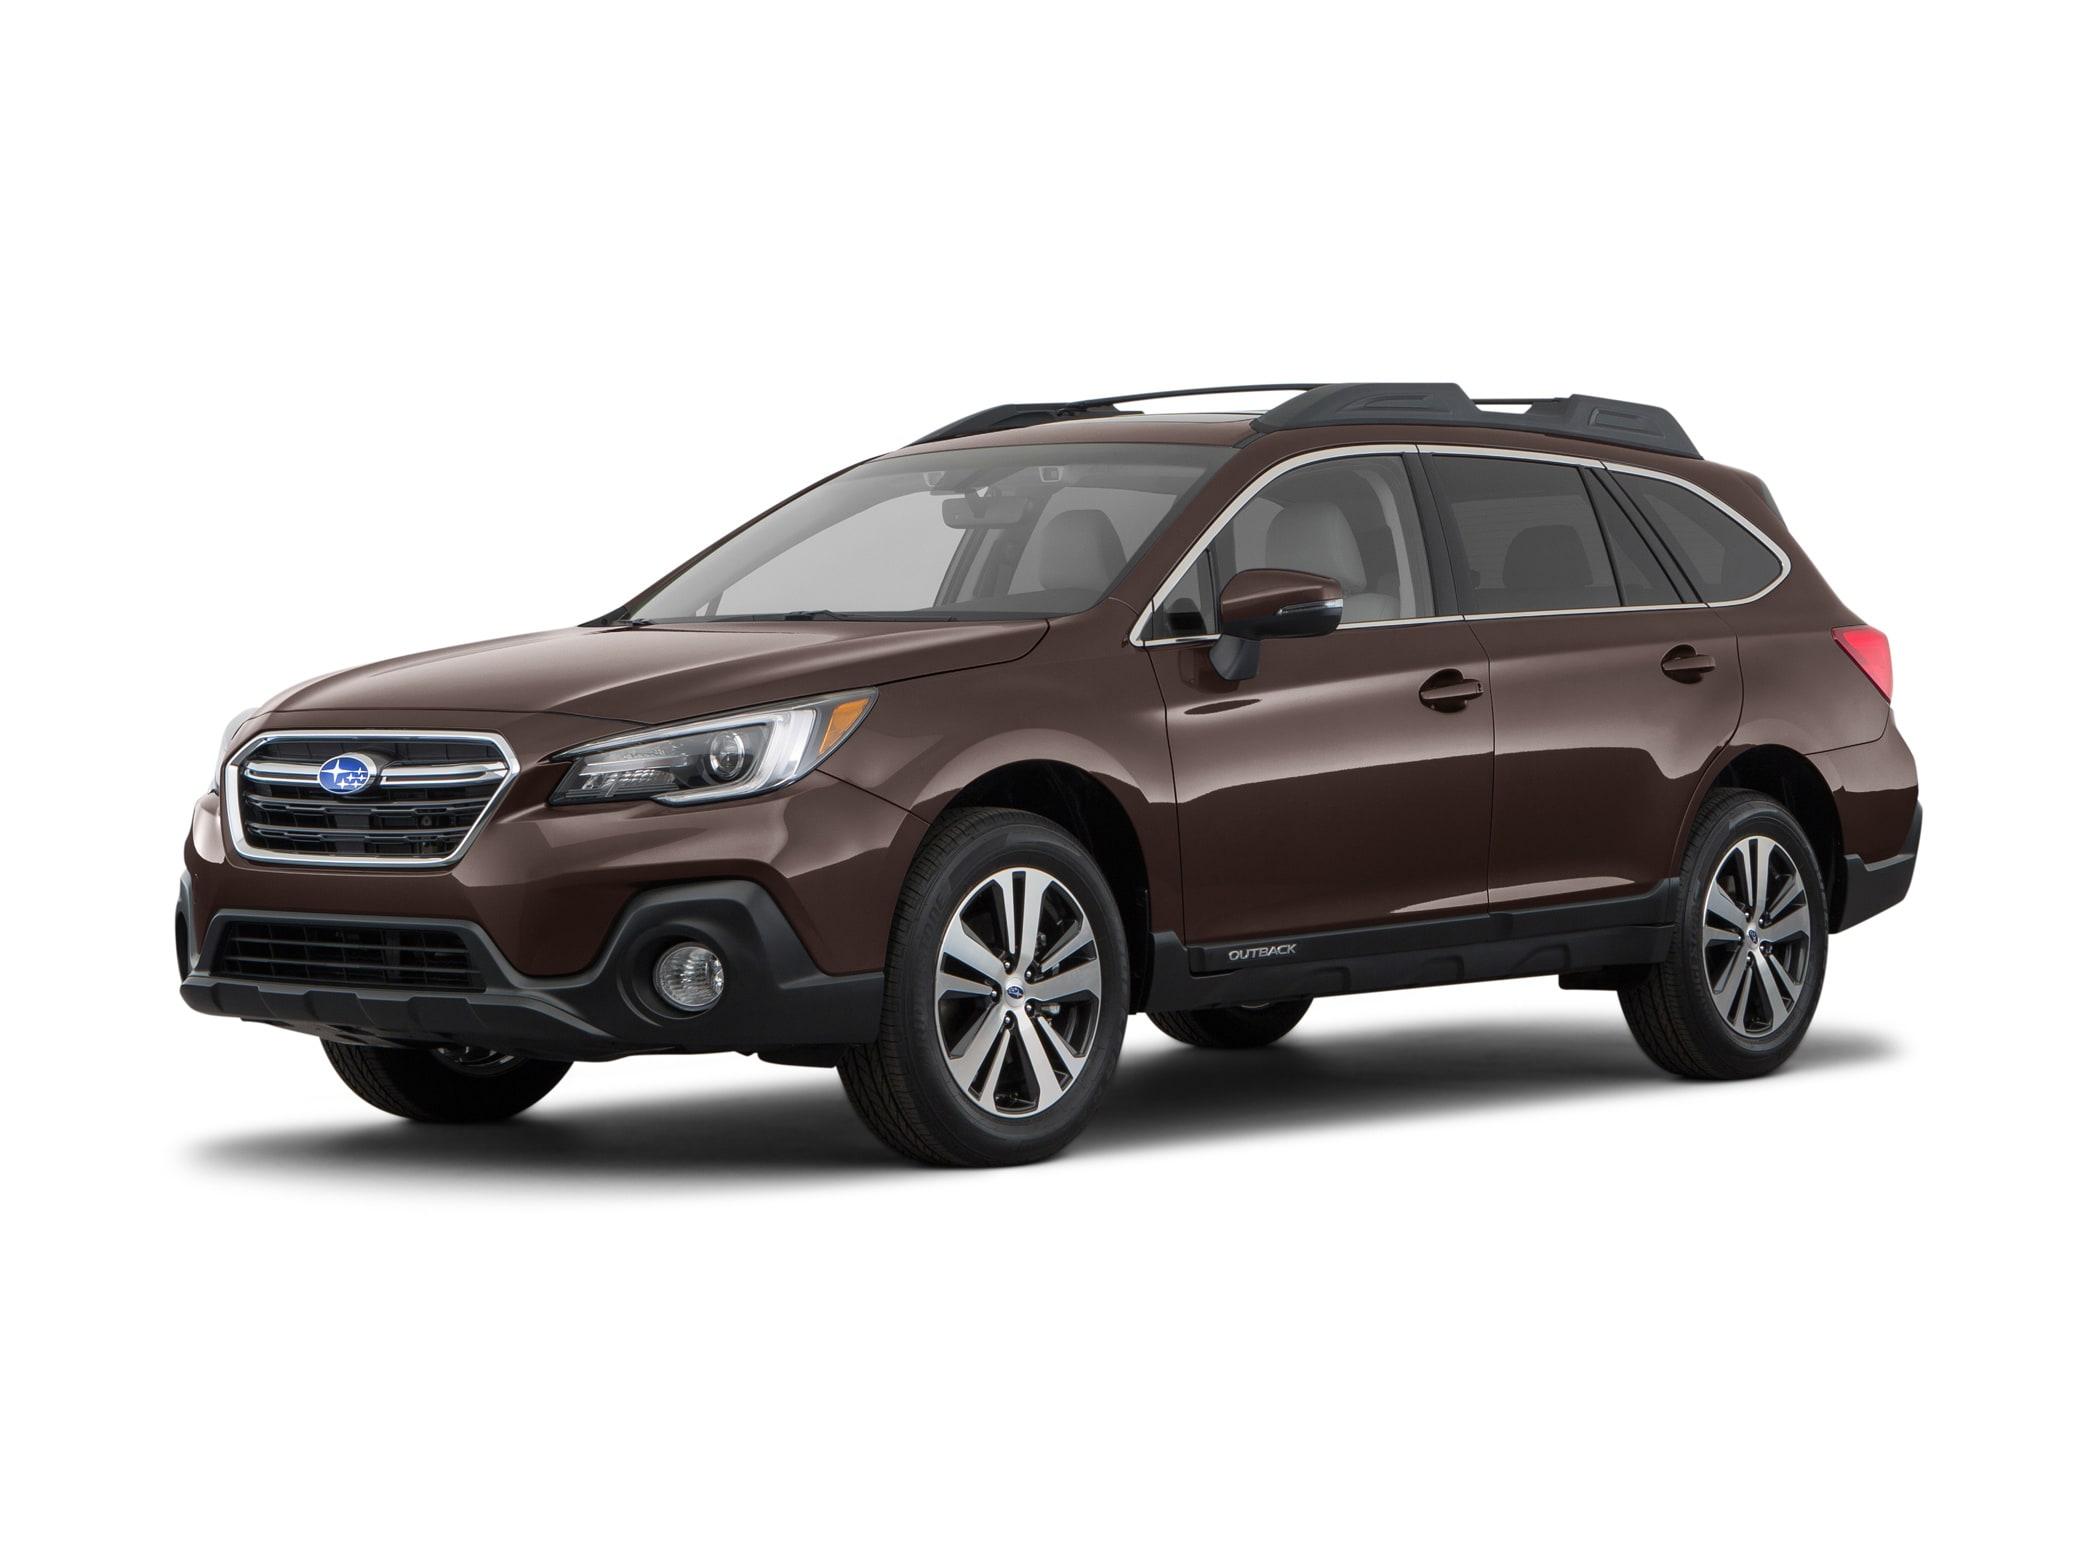 2019 Subaru Outback Outb 2.5I Limited SUV